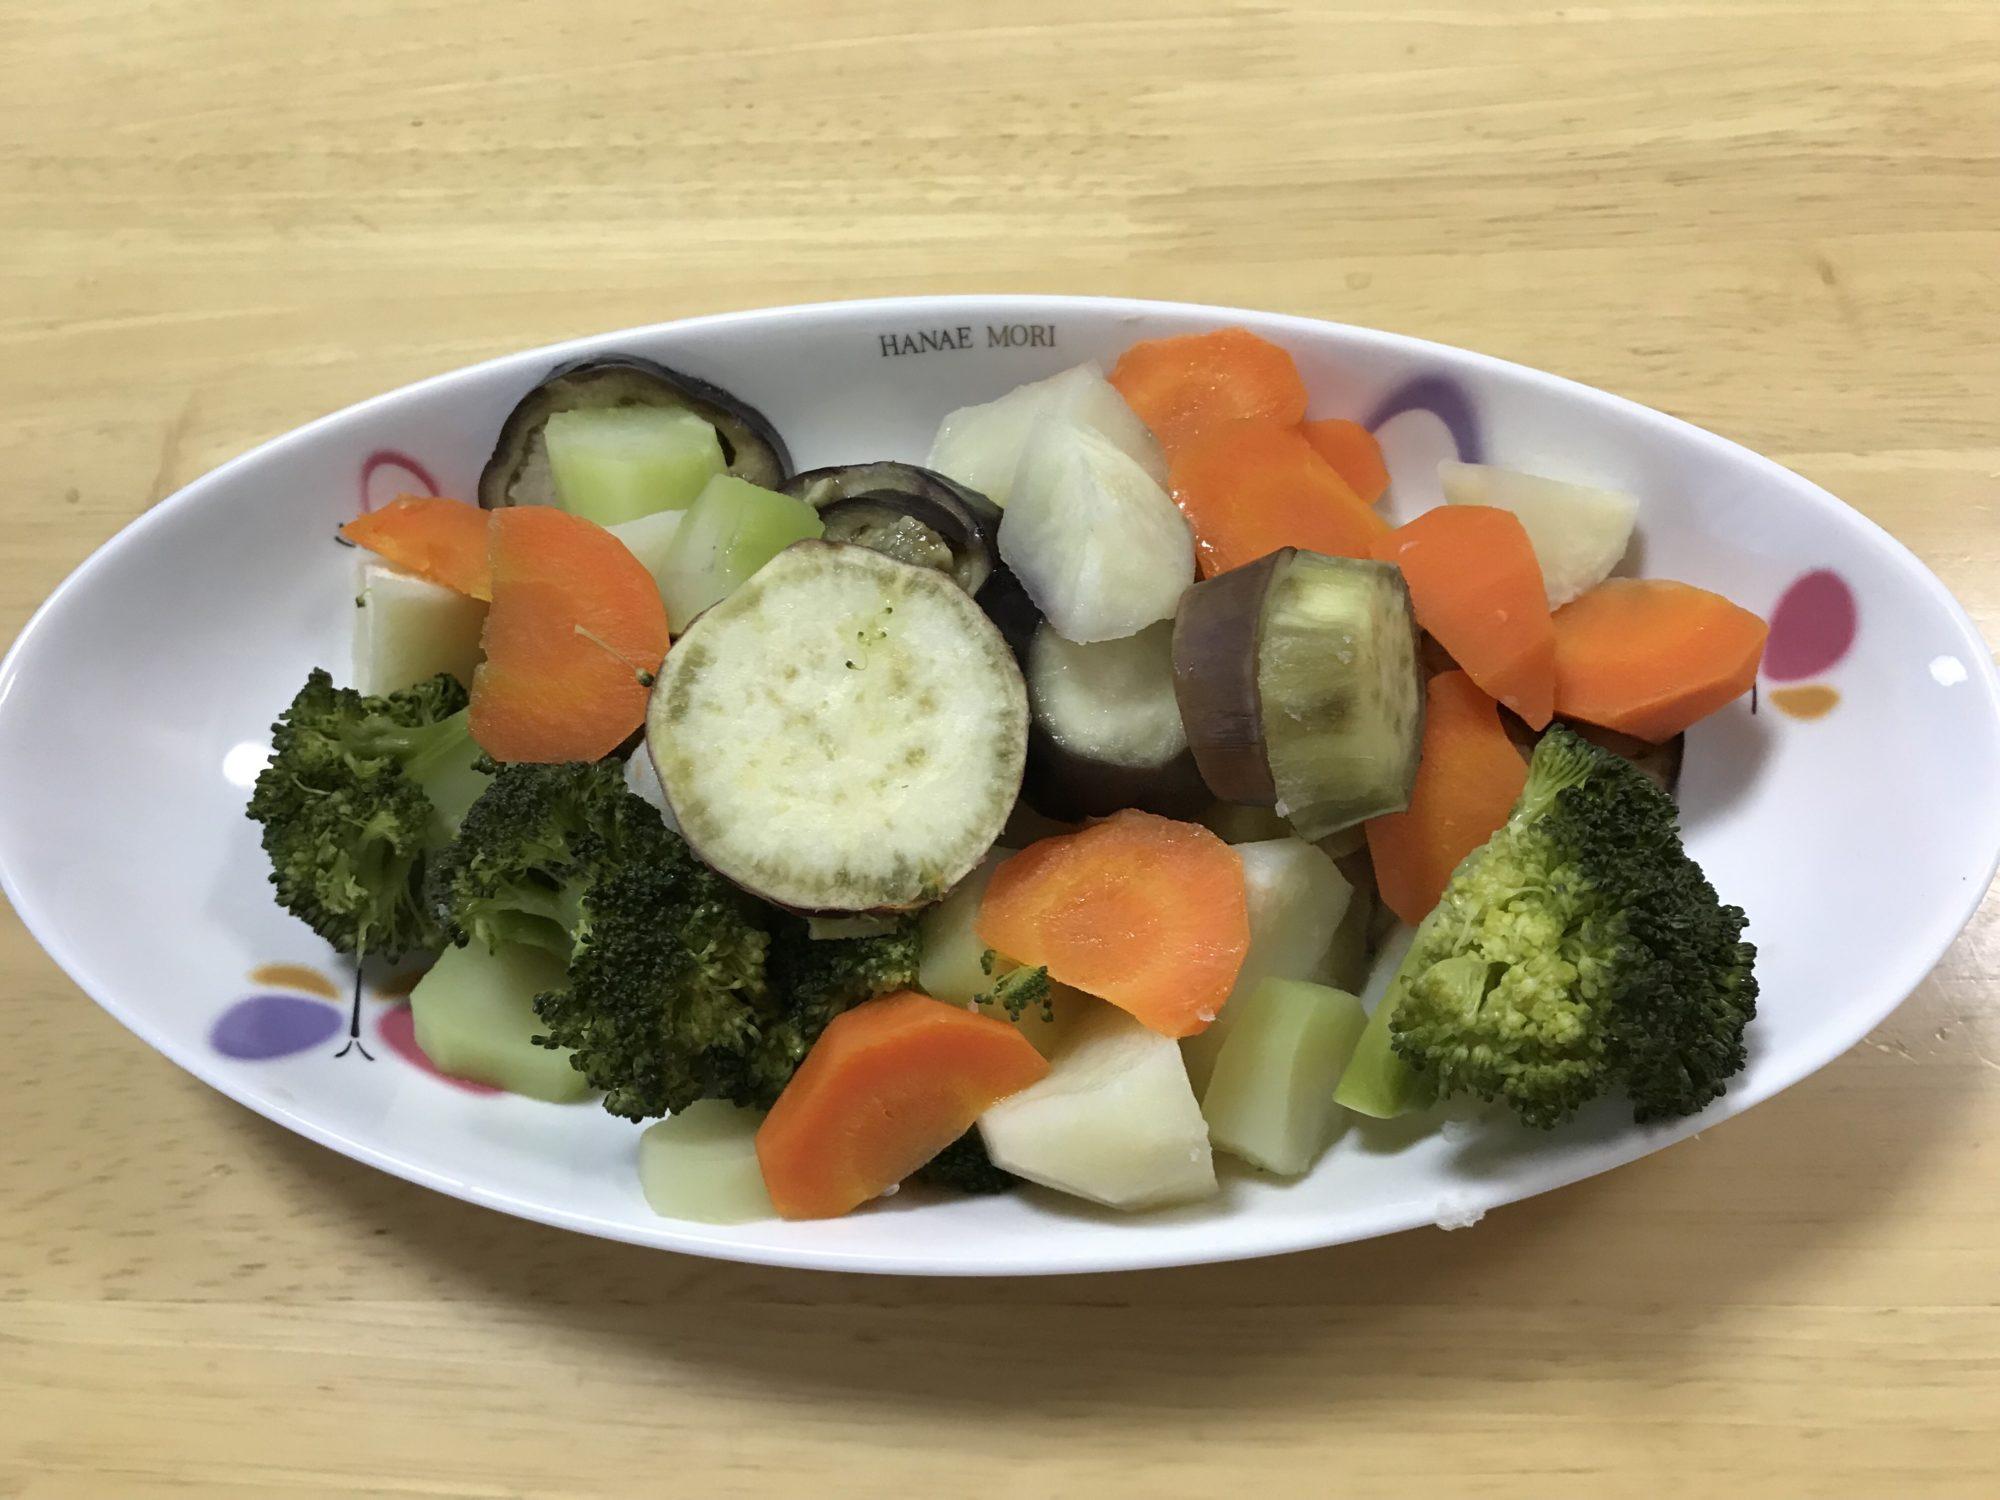 ホットクックで初めての蒸し料理。簡単で野菜の甘みがあり最高です。息子もパクパク。